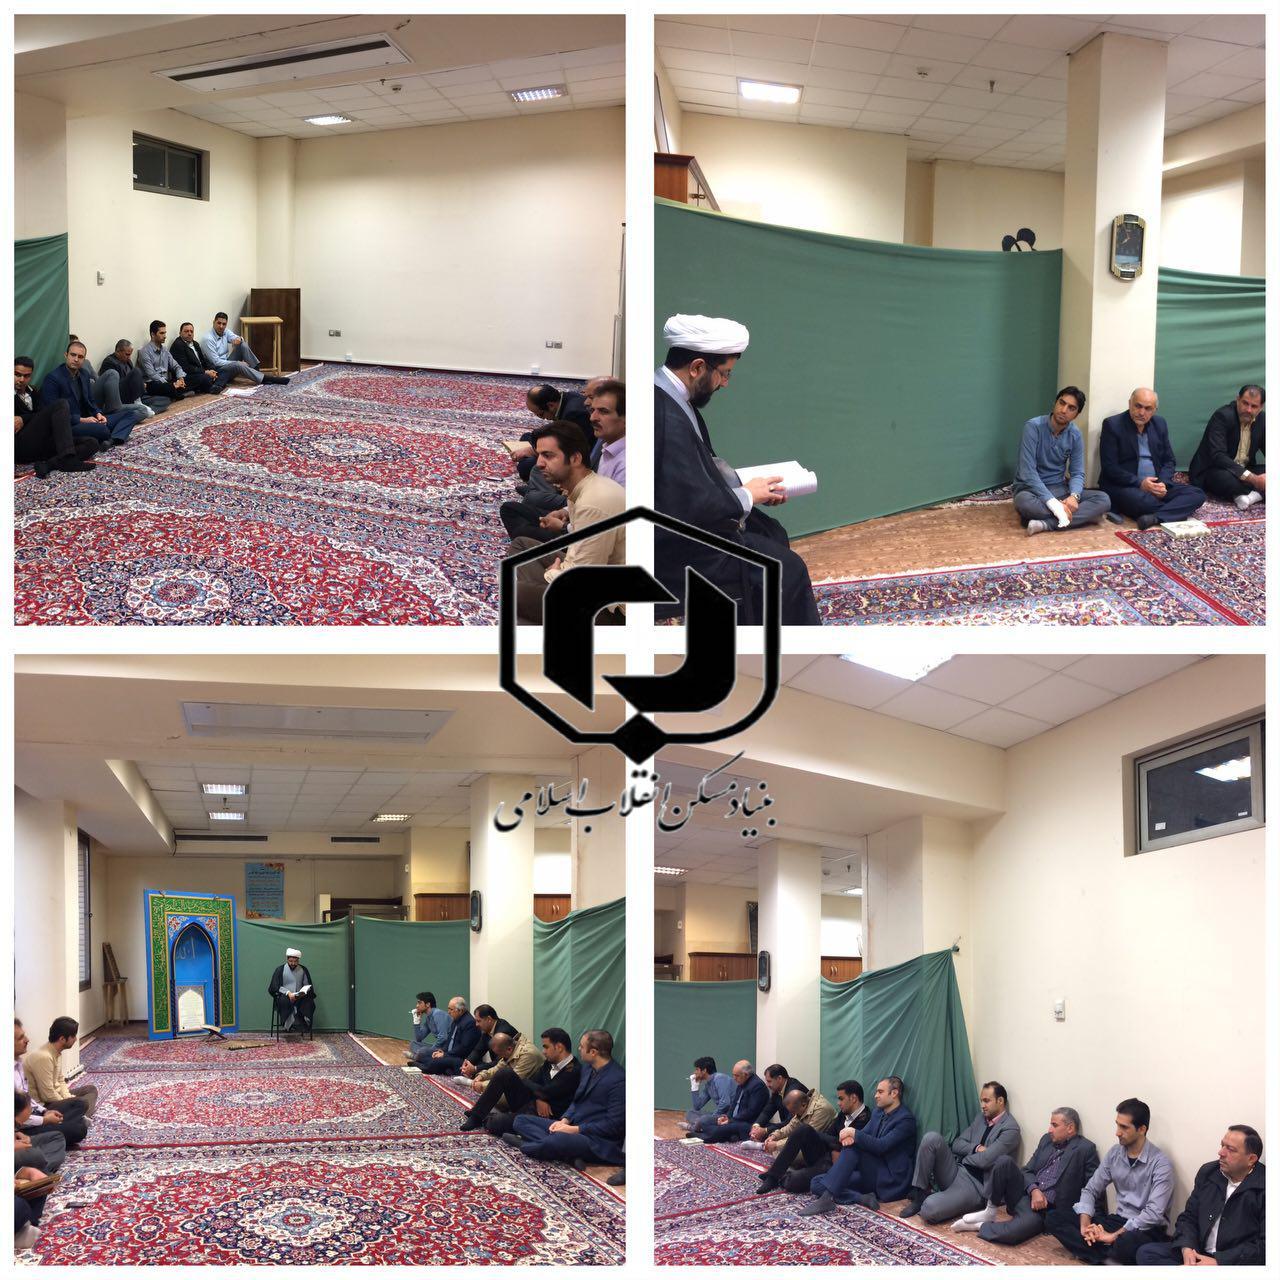 برگزاری سلسه نشست های هفتگی و تفسیر سوره حجرات توسط حاج آقاهاشمی، قائم مقام نماینده ولی فقیه در بنی